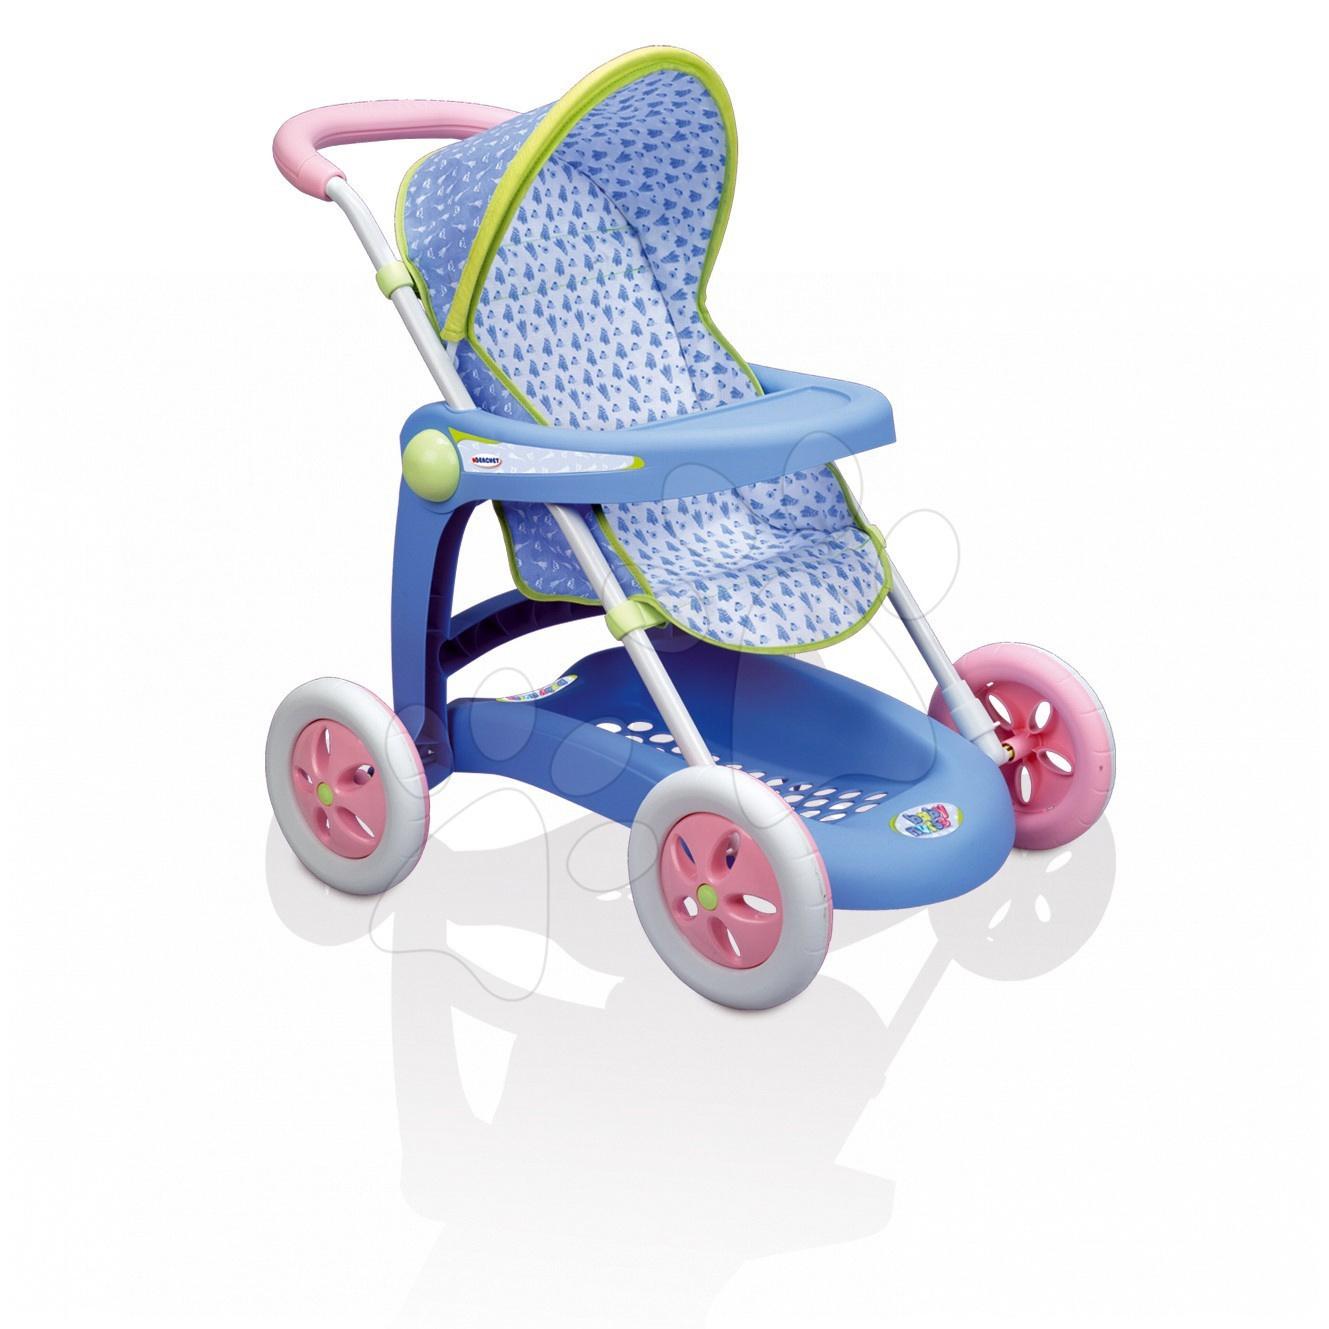 Cărucior pentru păpuşă de jucărie Baby Nurse Smoby sport (63 cm mâner de împins)